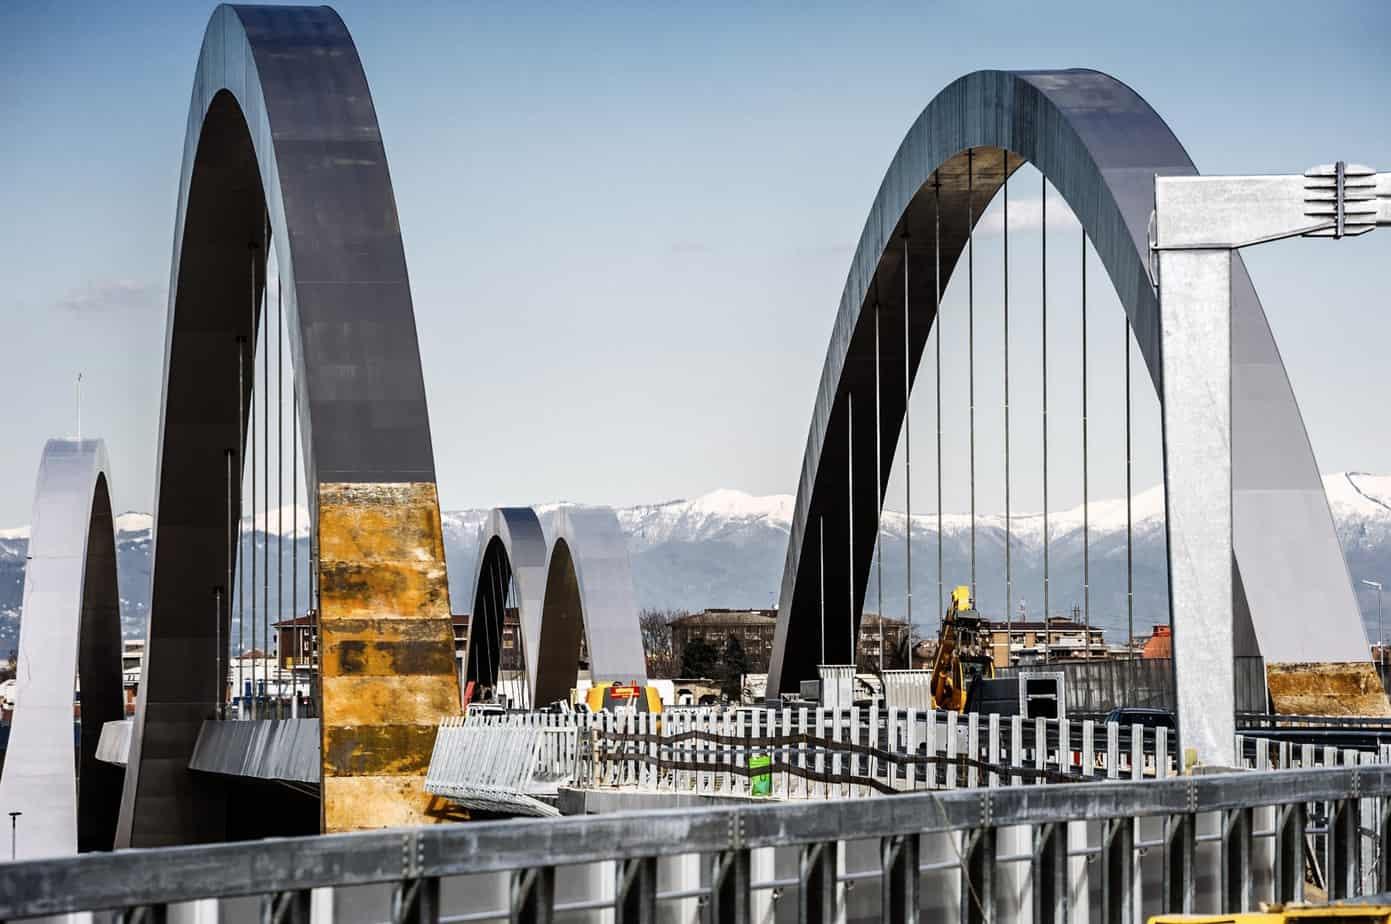 Il ponte ad arco di scavalco dell'Autostrada A4 Torino-Venezia con luce 190 m completamente realizzato in acciaio